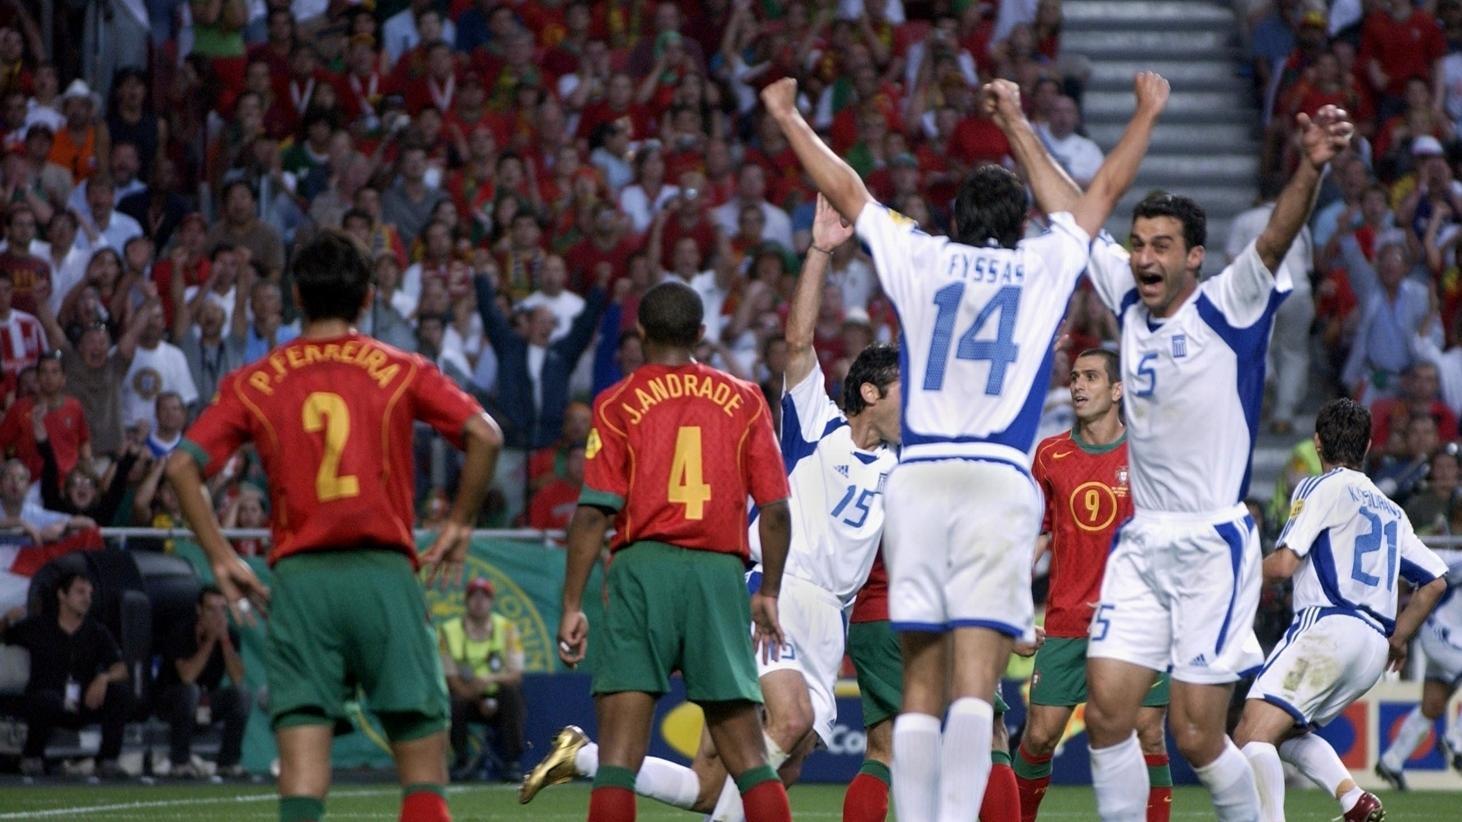 Griechenland holt europäische Krone bei der EURO 2004   UEFA EURO 2020